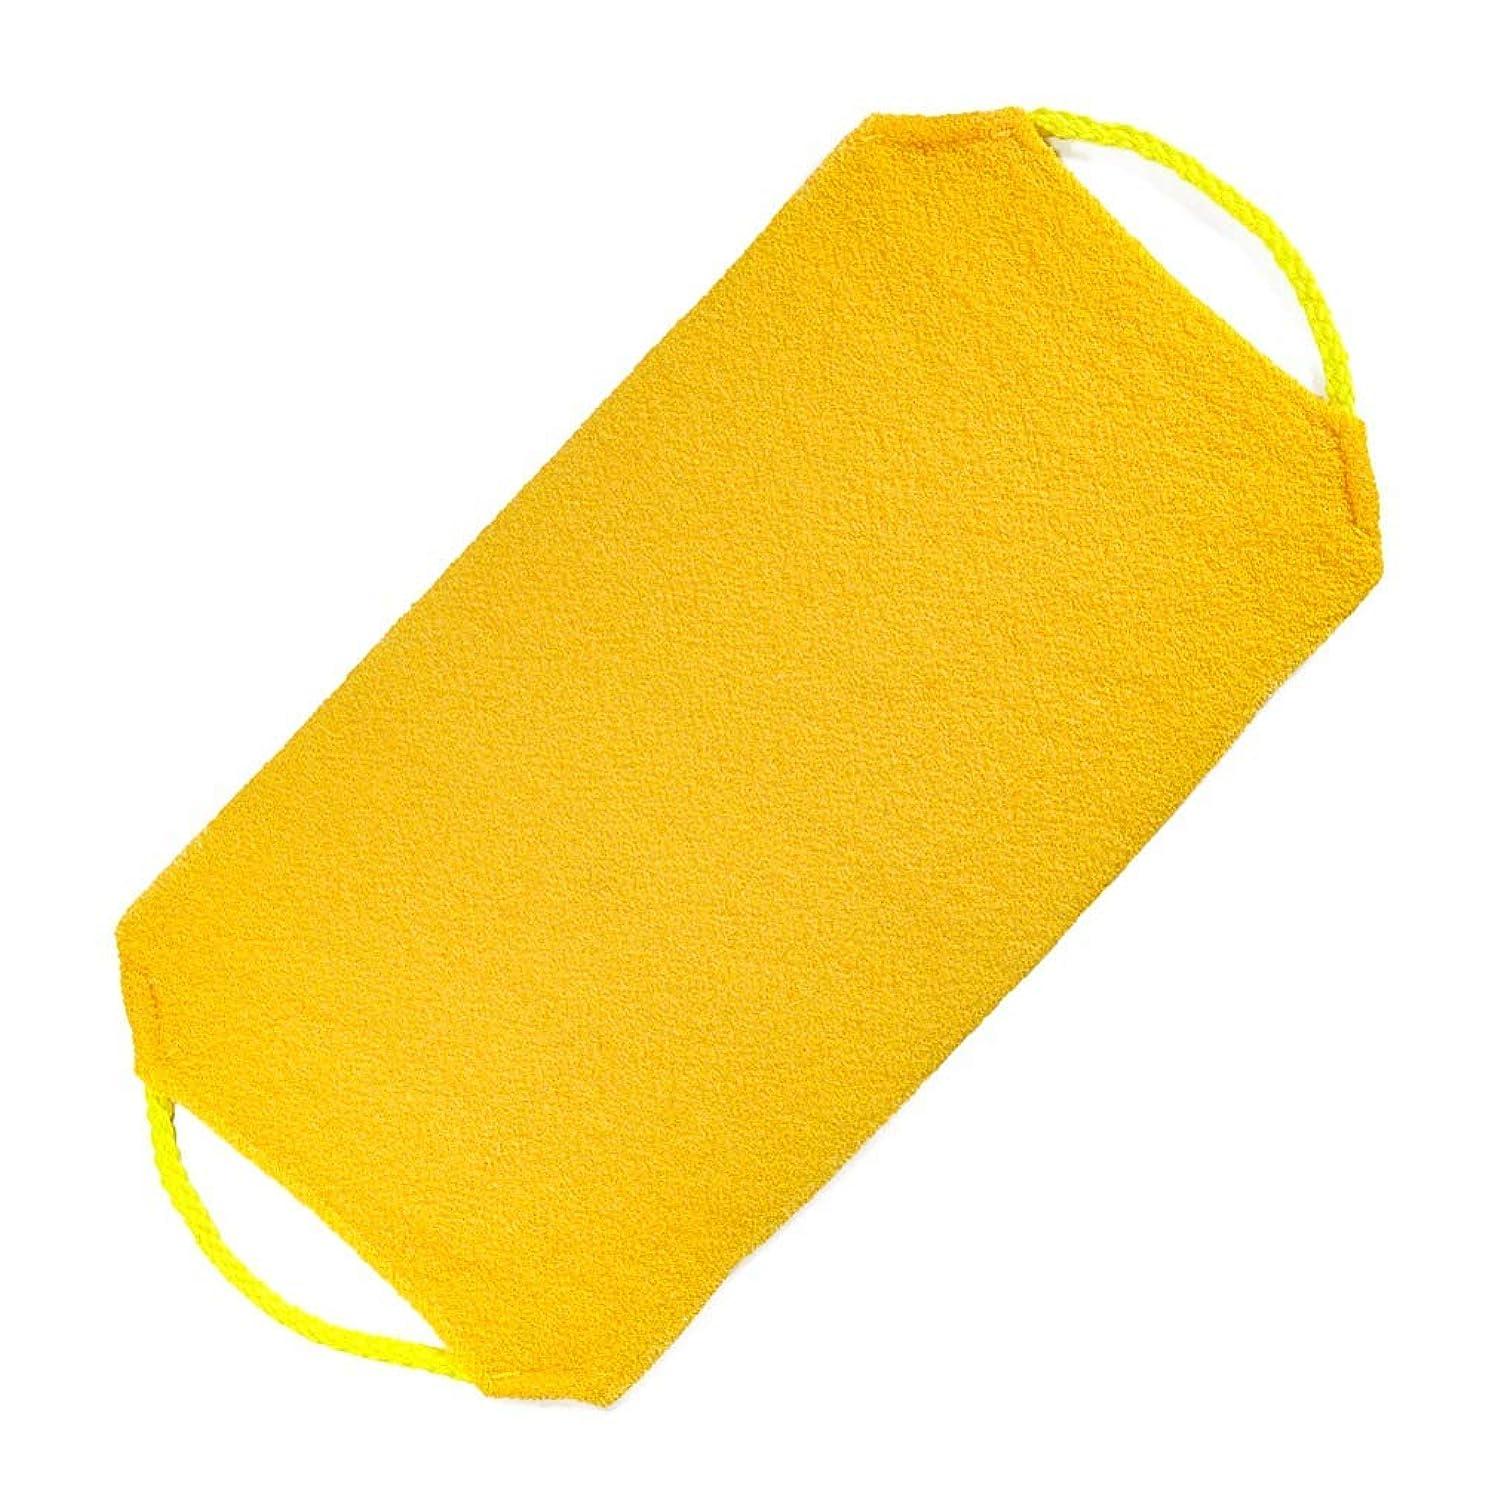 シビックスーパーマーケット静かにバスクロス シャワースクラバータオル バススクラブ 角質除去 肌を柔らかく クレンジング スキン 魔法 シャワー スクラブ布 Cutelove